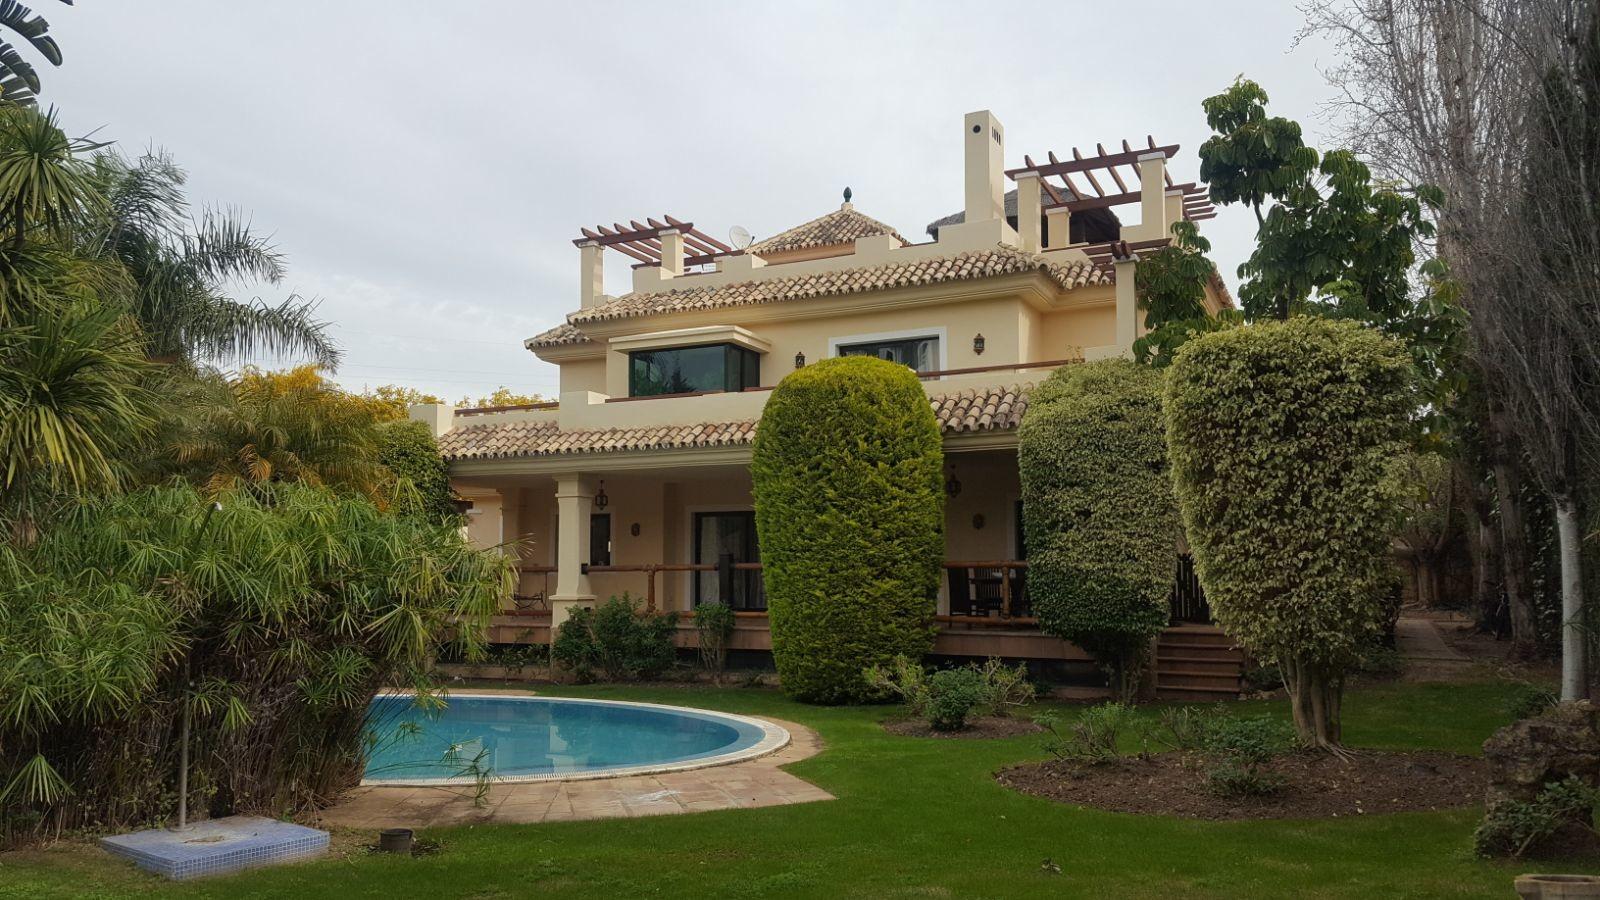 jardines con piscina Jardines Con Piscina Interesting Cunto Espacio Necesitas